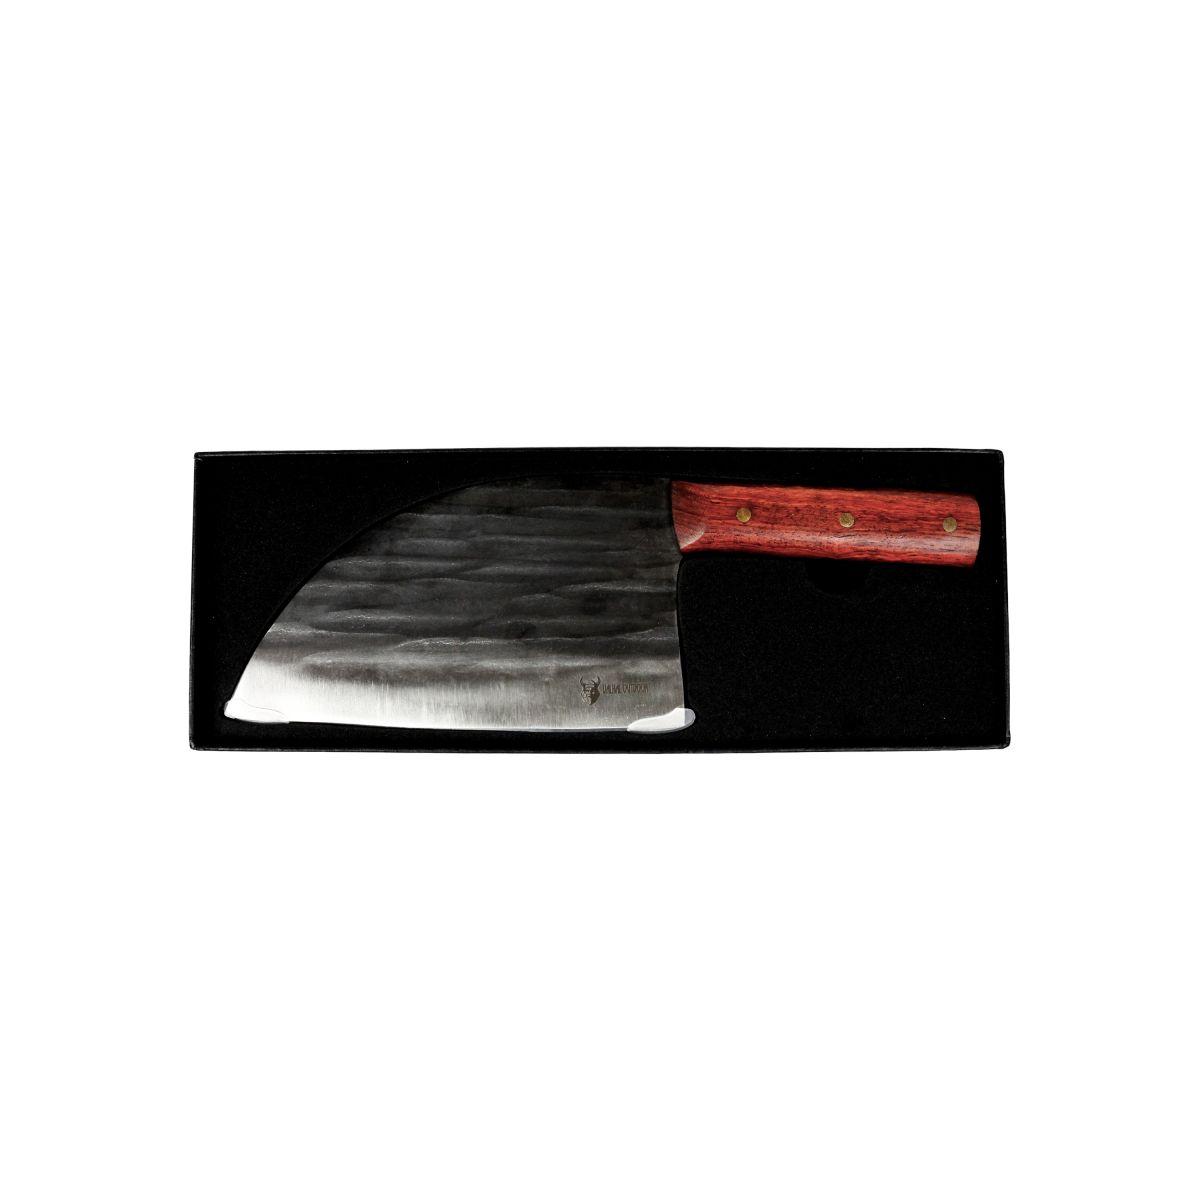 vhknife1 metzgermesser